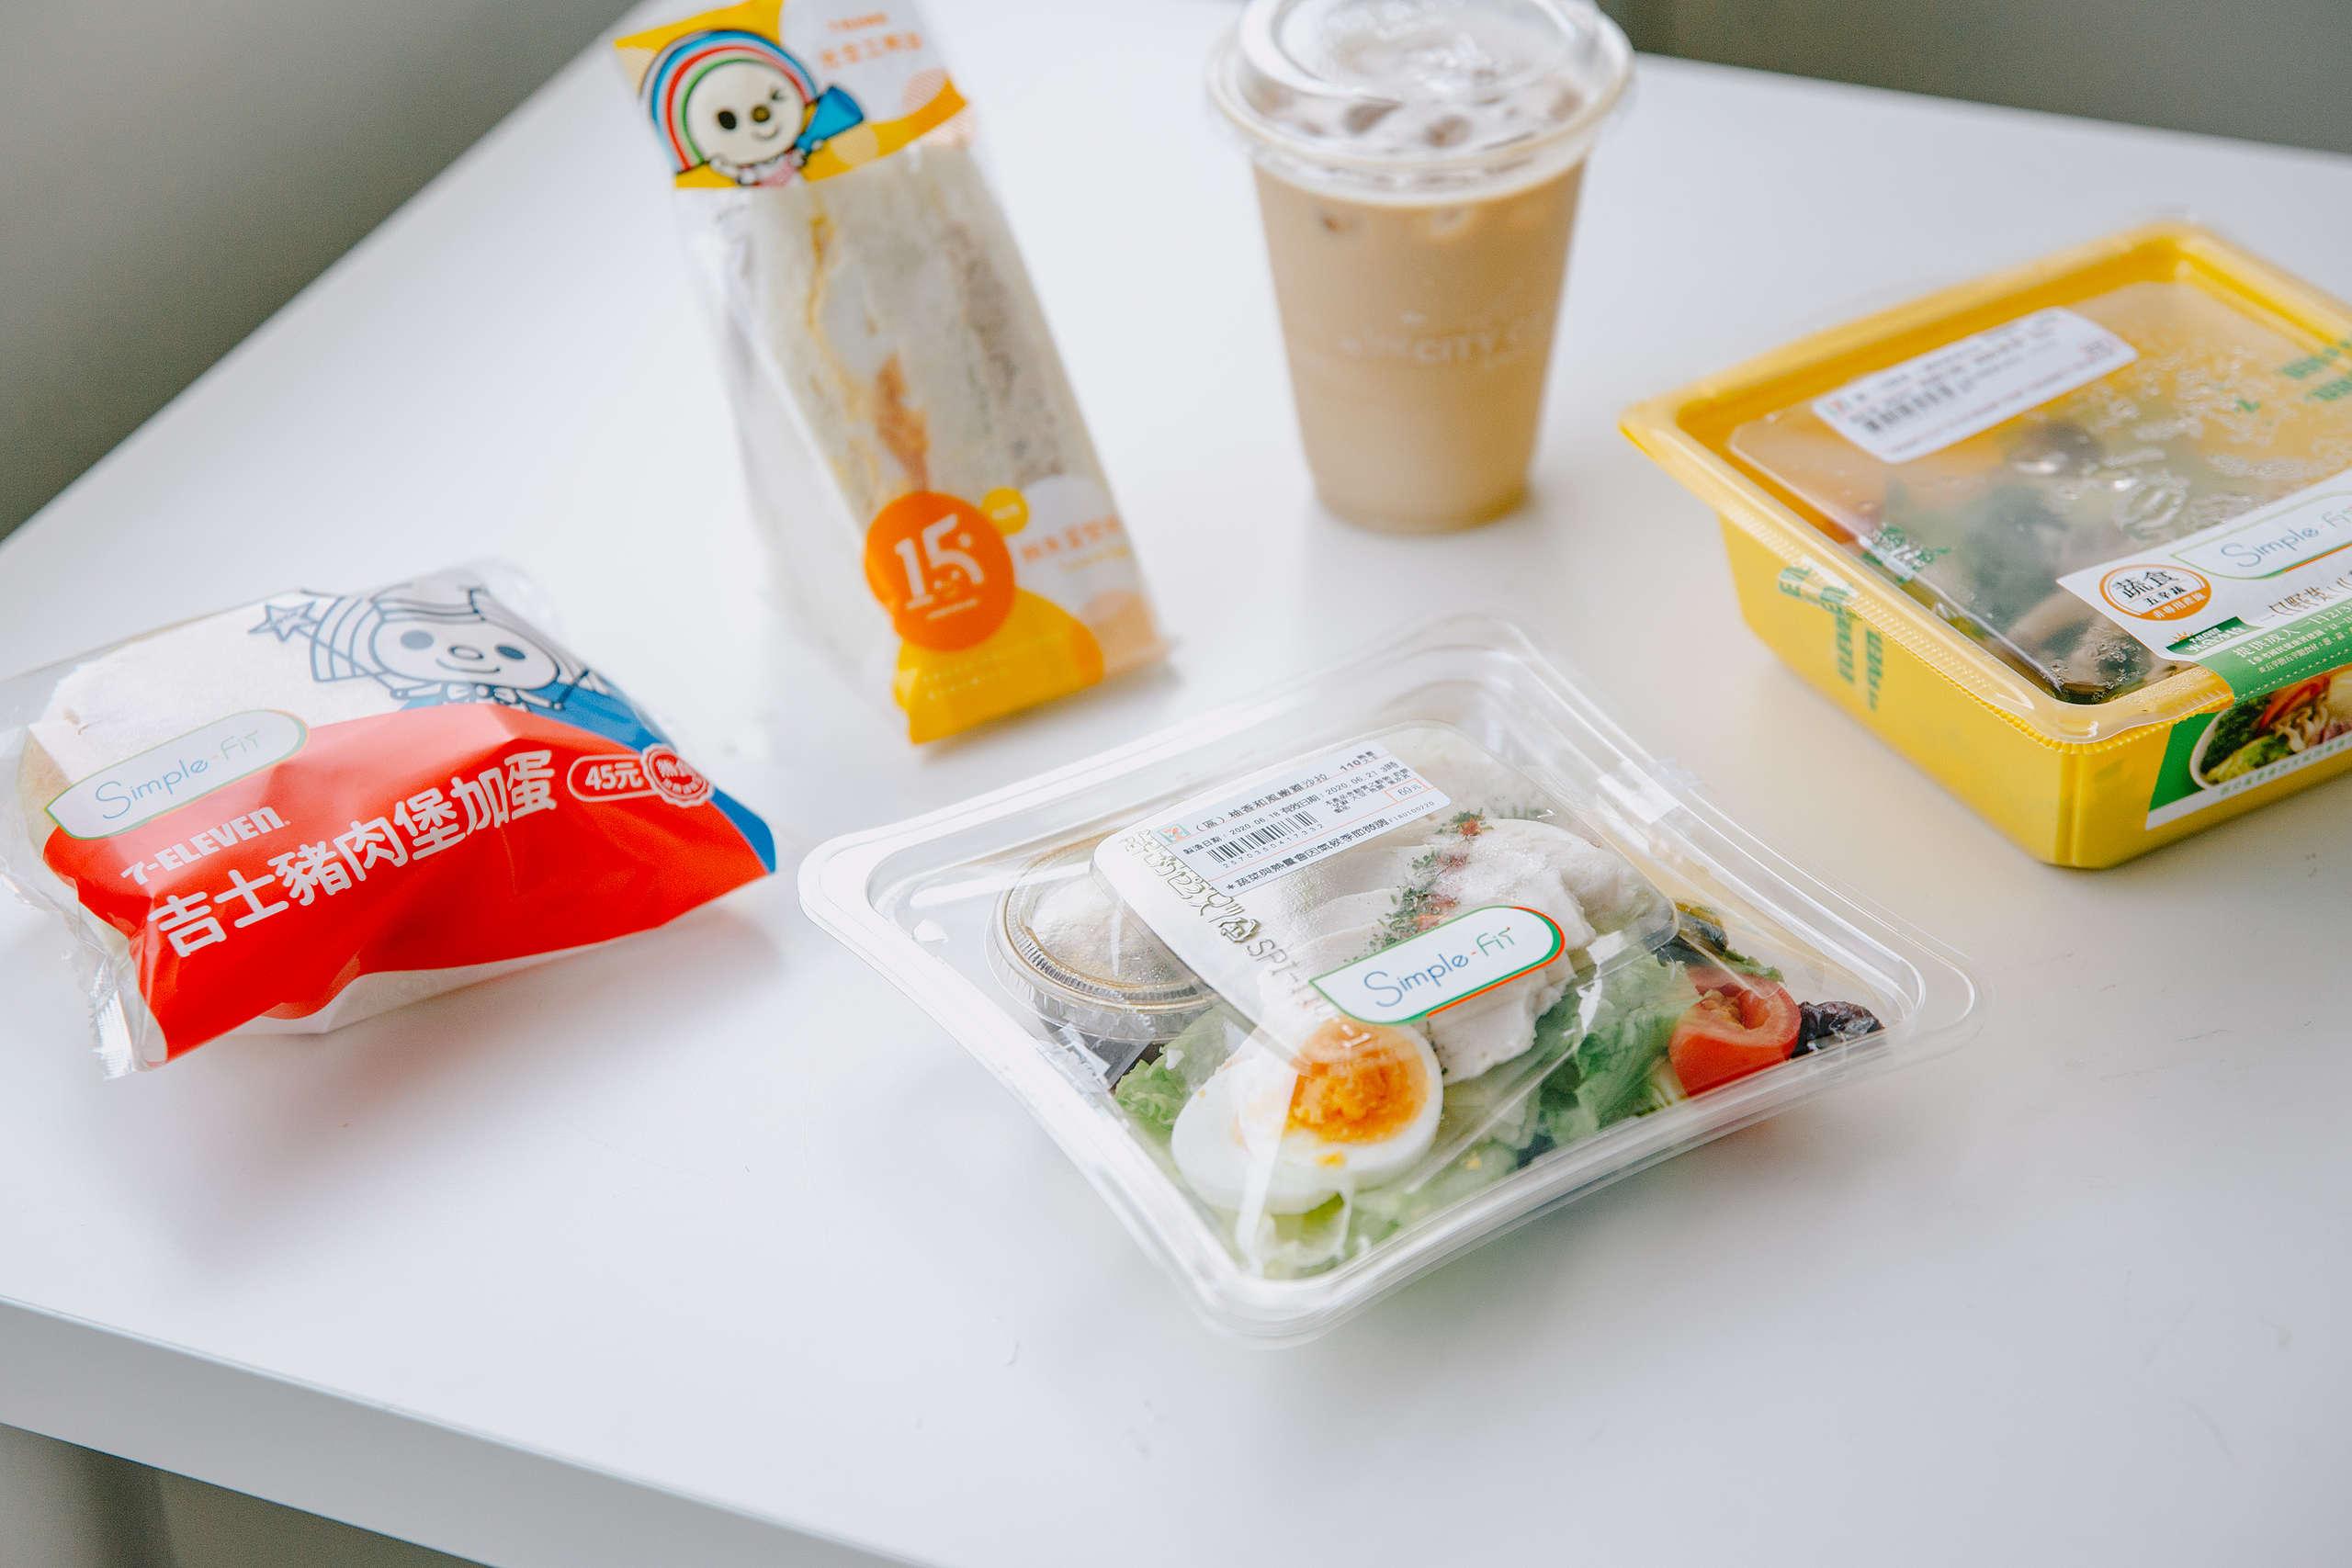 即買即食的超商食品,帶給消費者更便利的生活體驗,然而在「方便」的背後,卻隱藏著一次性包裝帶來的垃圾問題。